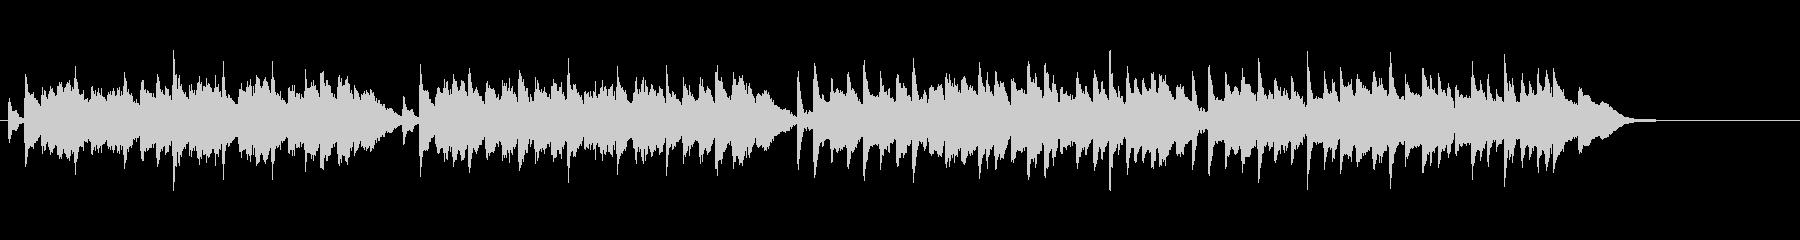 グラーツのワルツ第3番(シューベルト)の未再生の波形